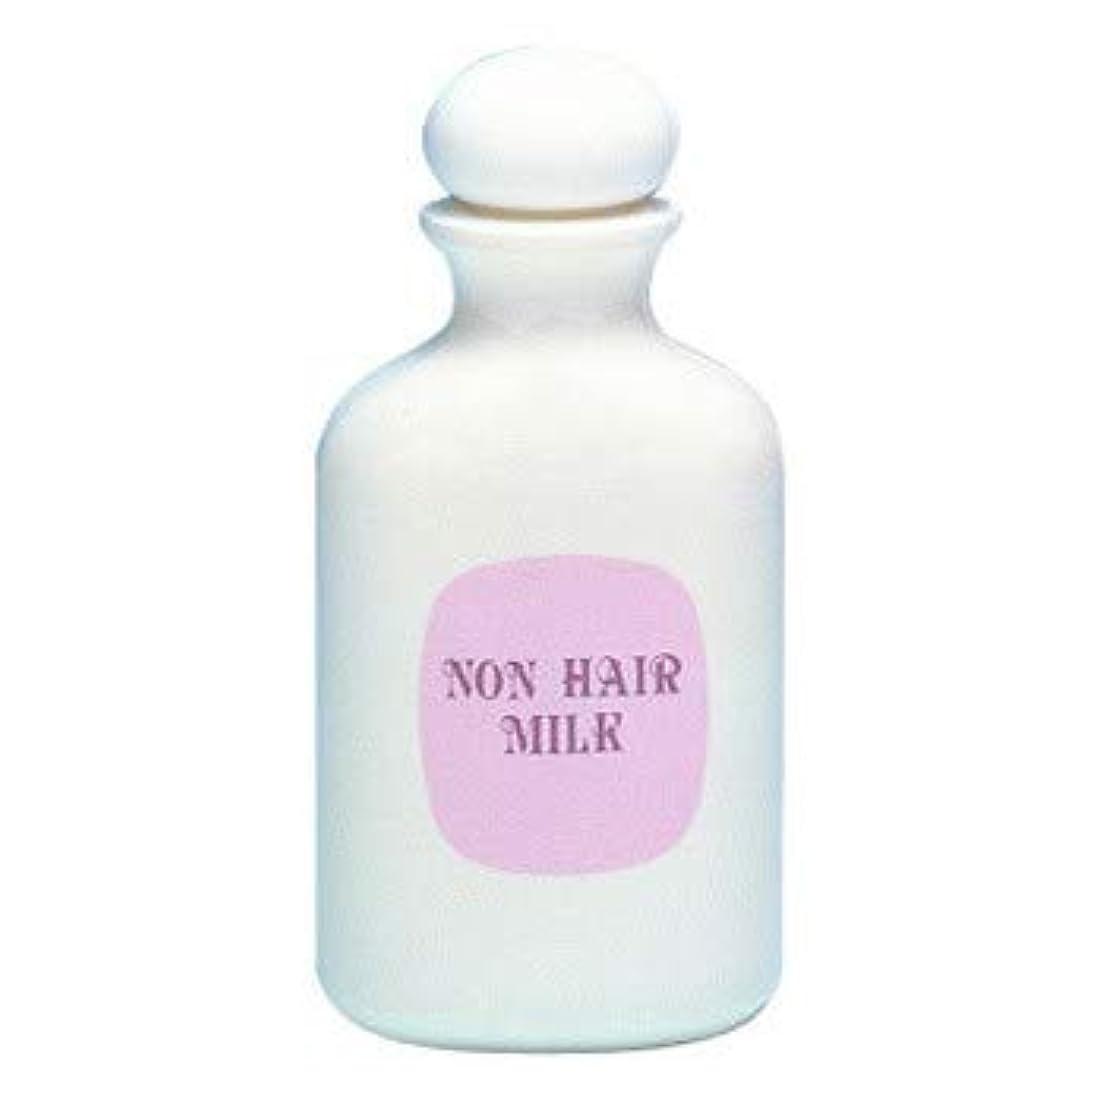 鼻記述する富除毛クリーム デリケートゾーン ノンヘアーミルク 大容量200ml ムダ毛処理 脱毛 除毛剤